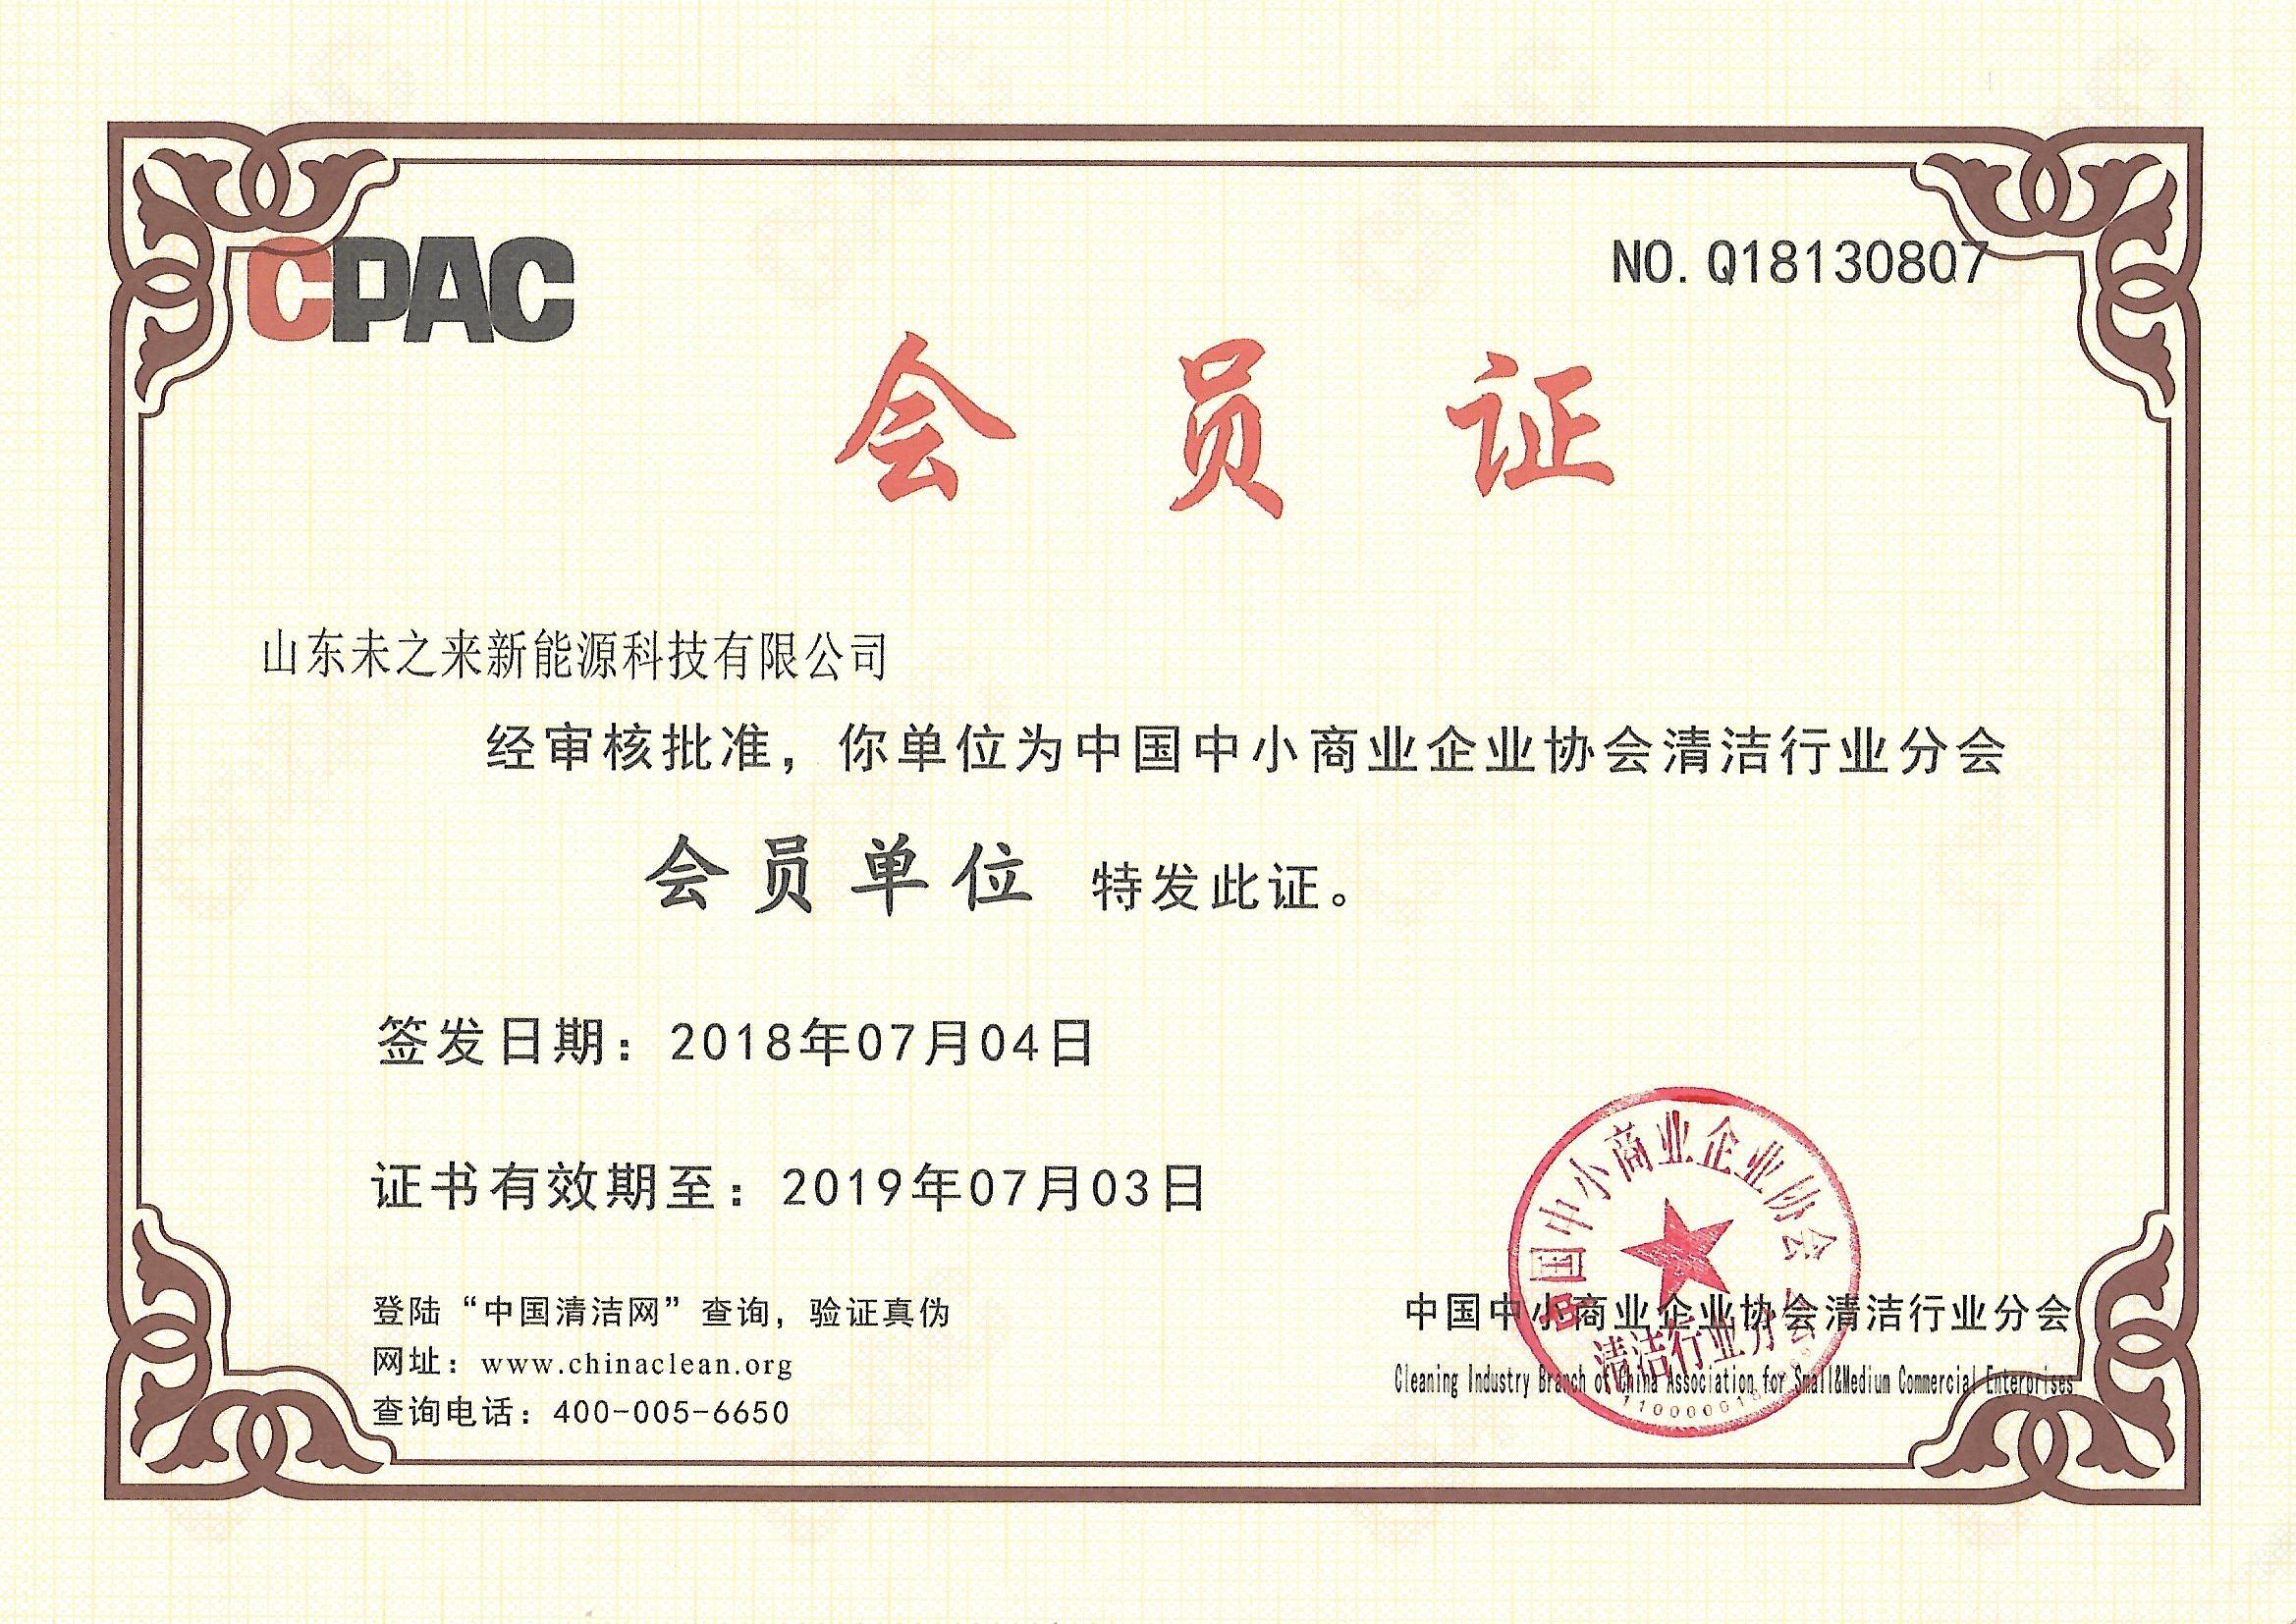 未 之 来荣获中国中小商业企业协会清洁行业分会